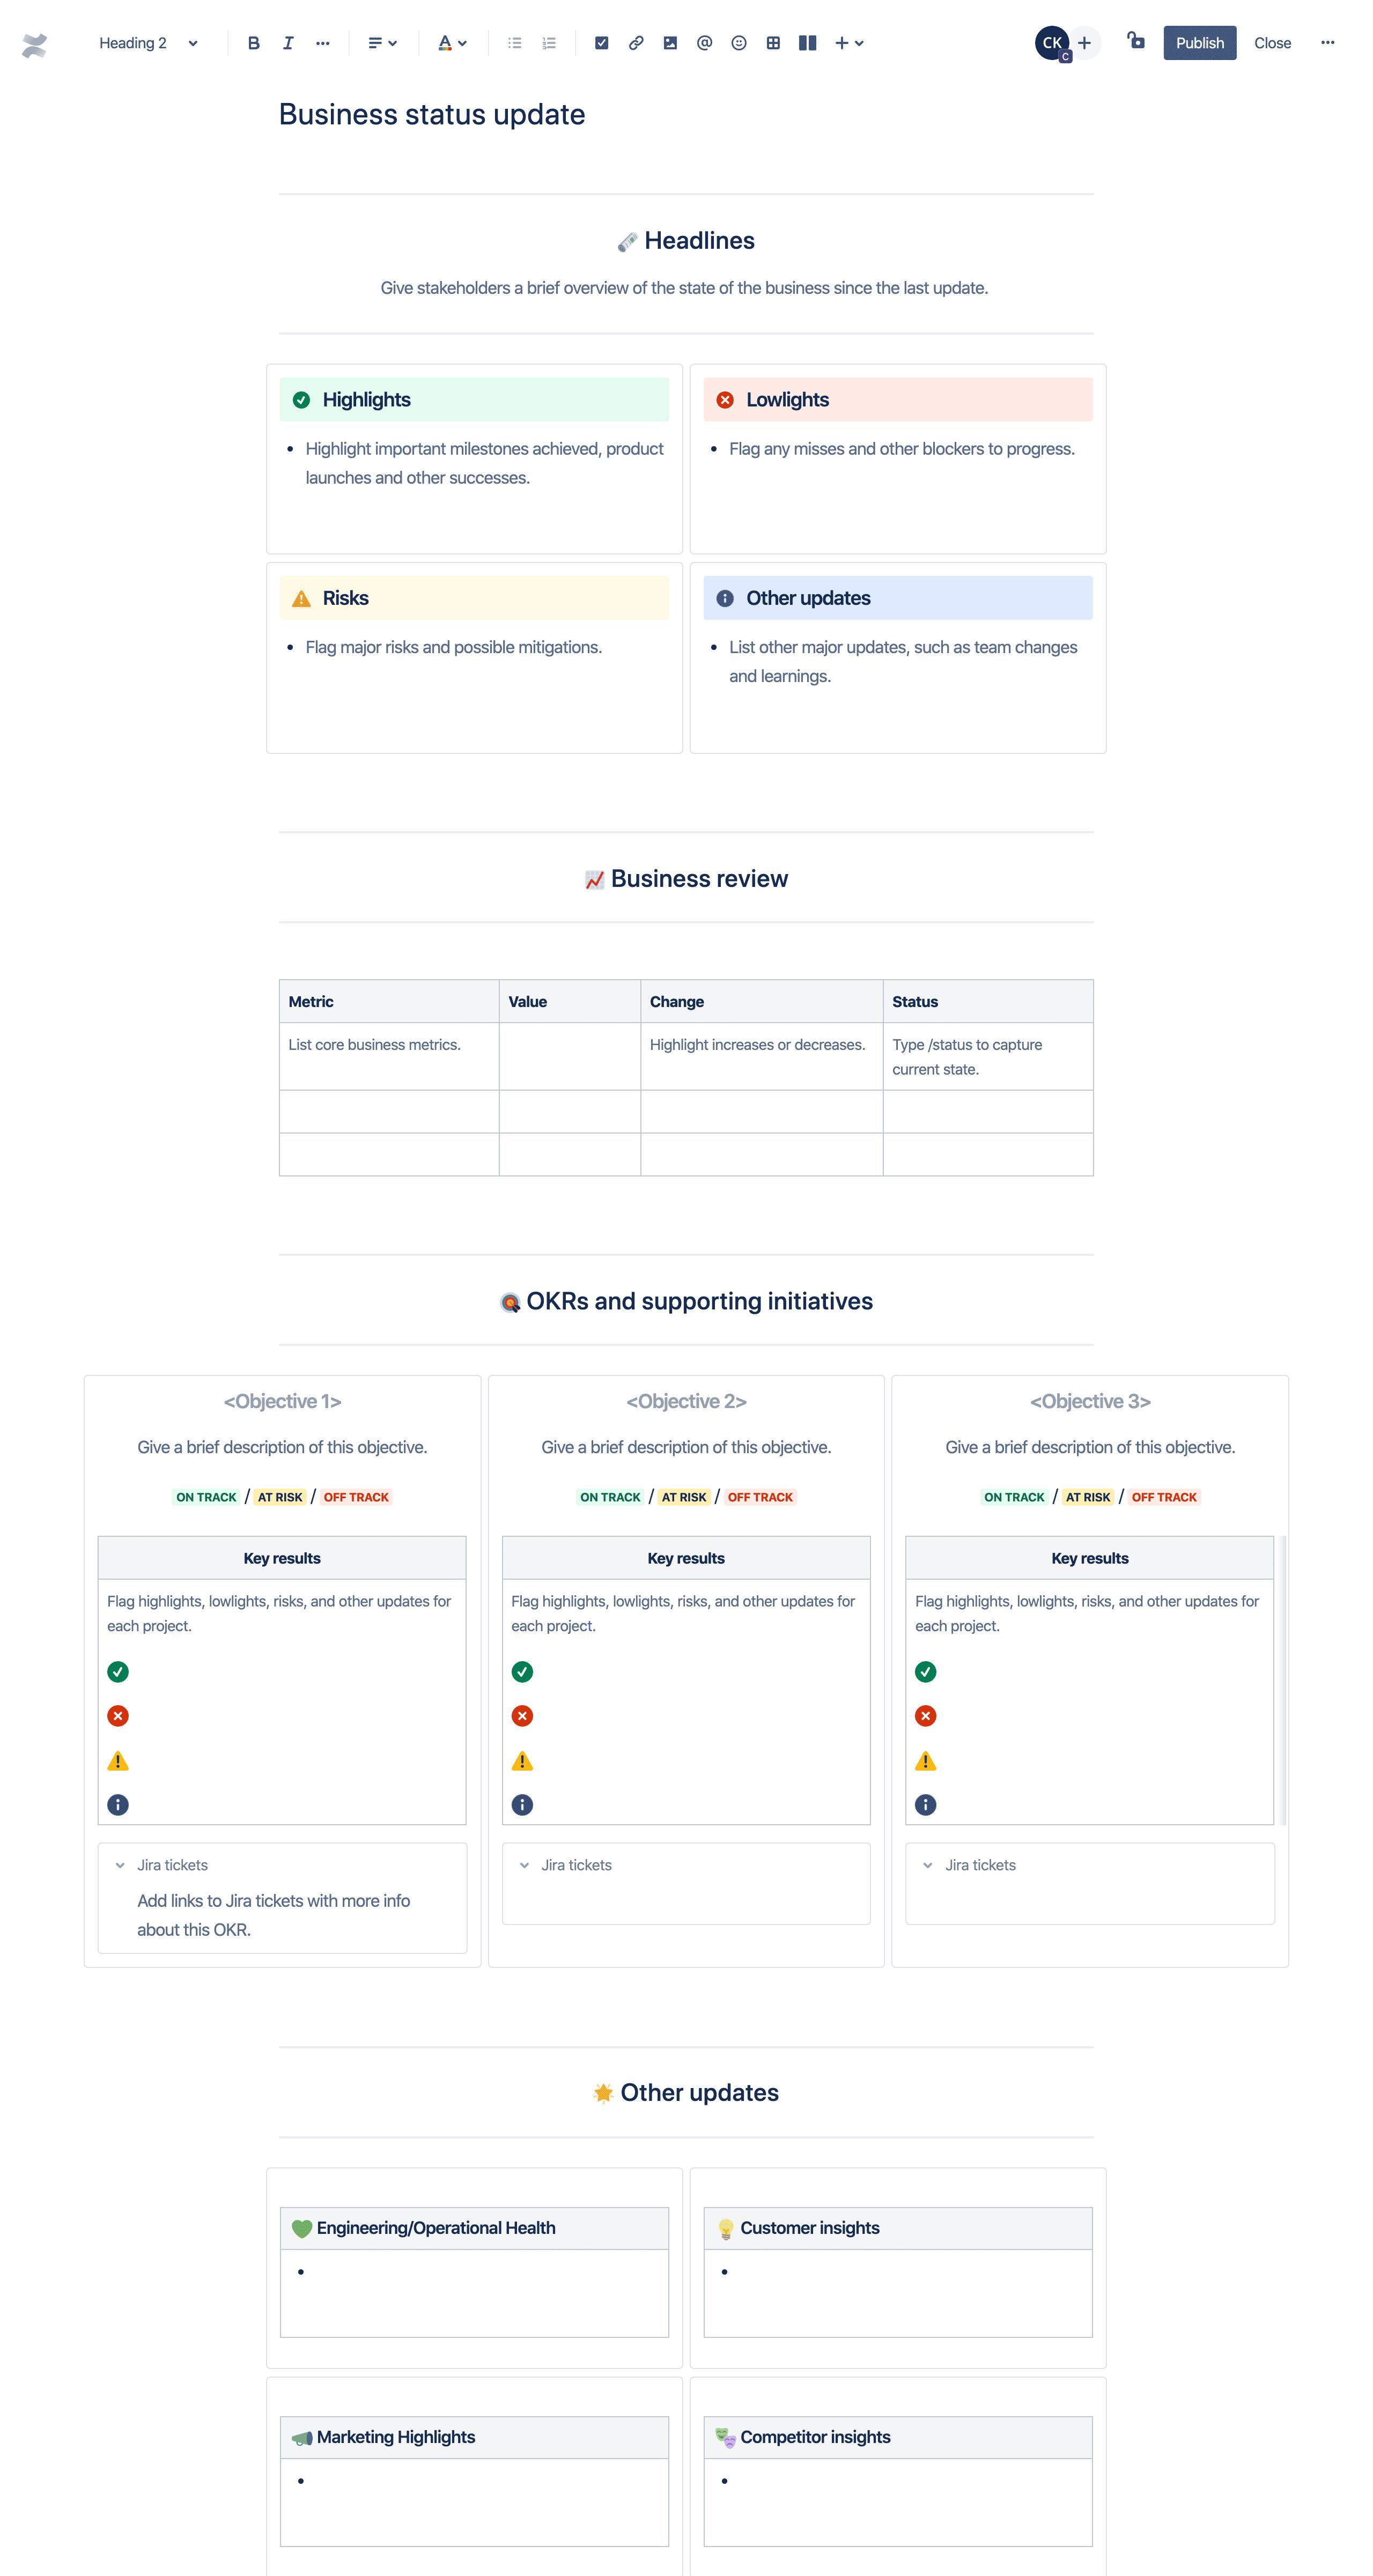 Modello dell'aggiornamento sullo stato dell'azienda